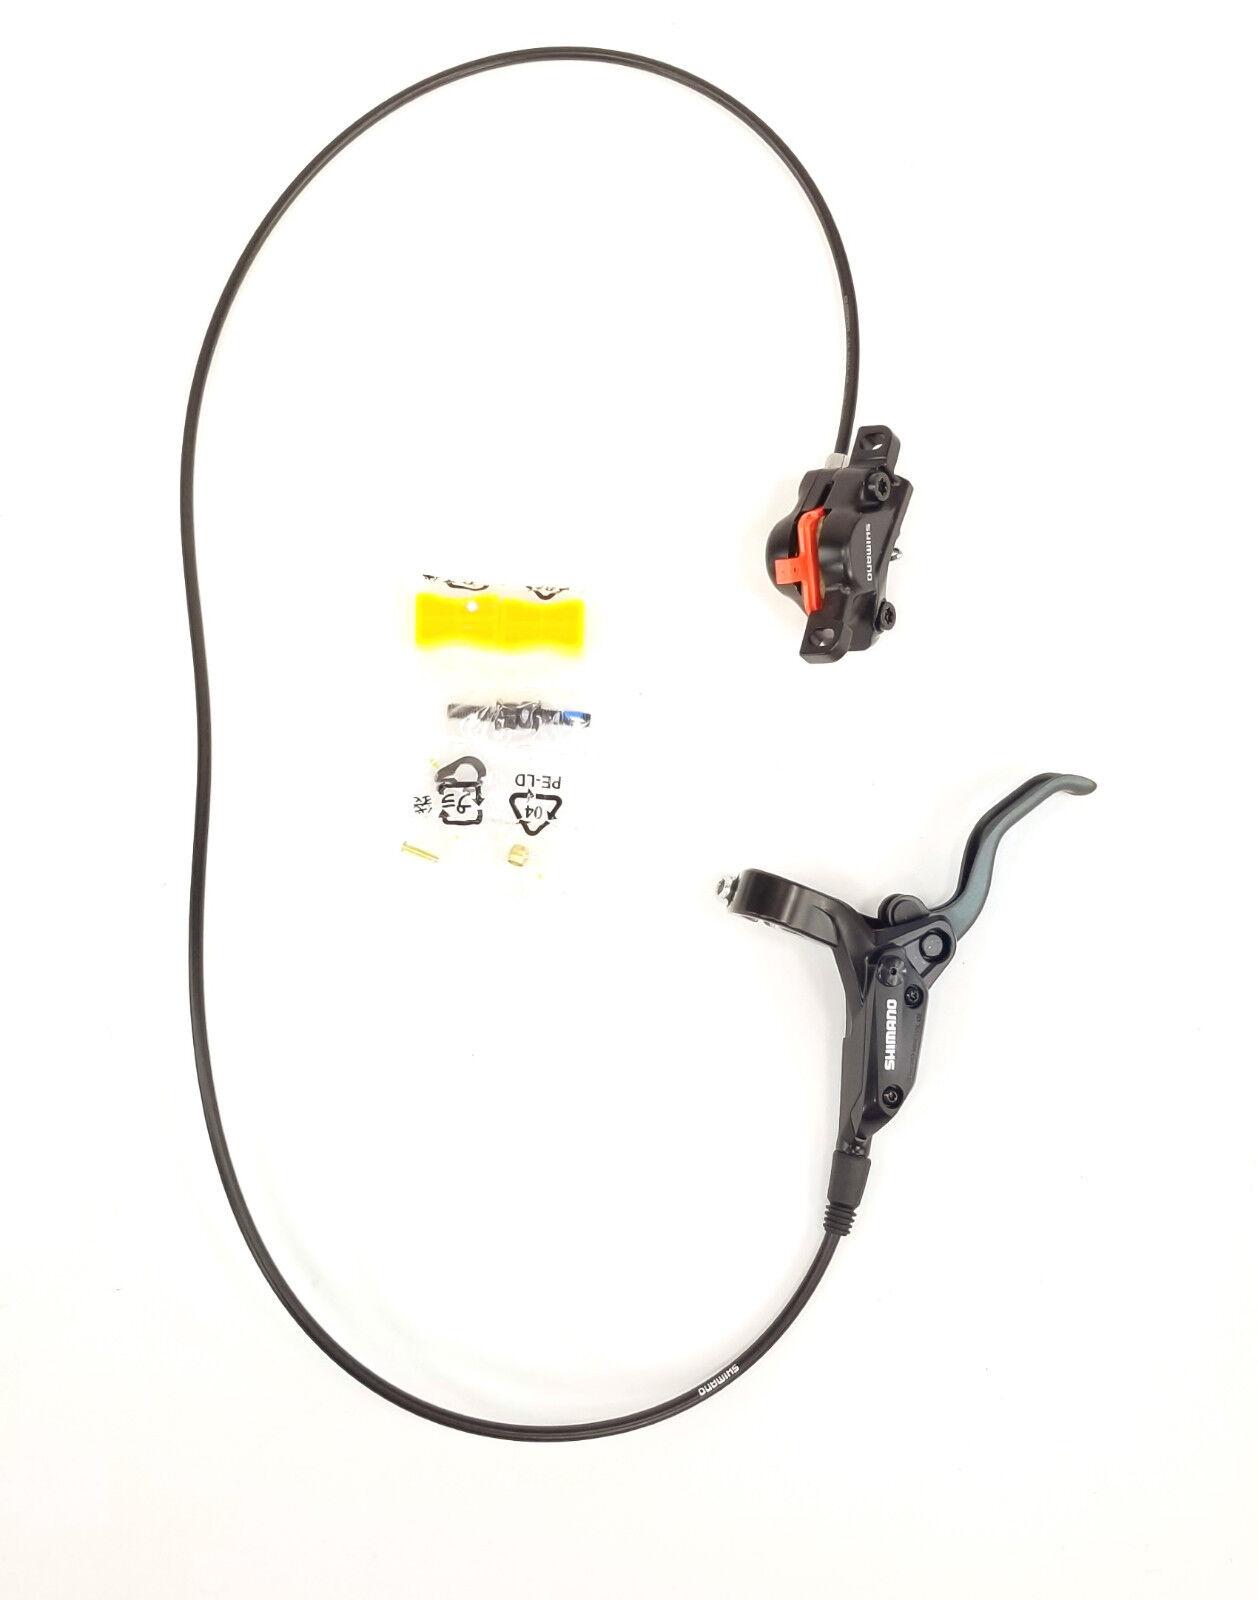 SHIMANO ALTUS  BL-M425, BR-M395 PRE-BLED FRONT DISC BRAKE, RESIN PAD, 1000mm HOSE  for sale online